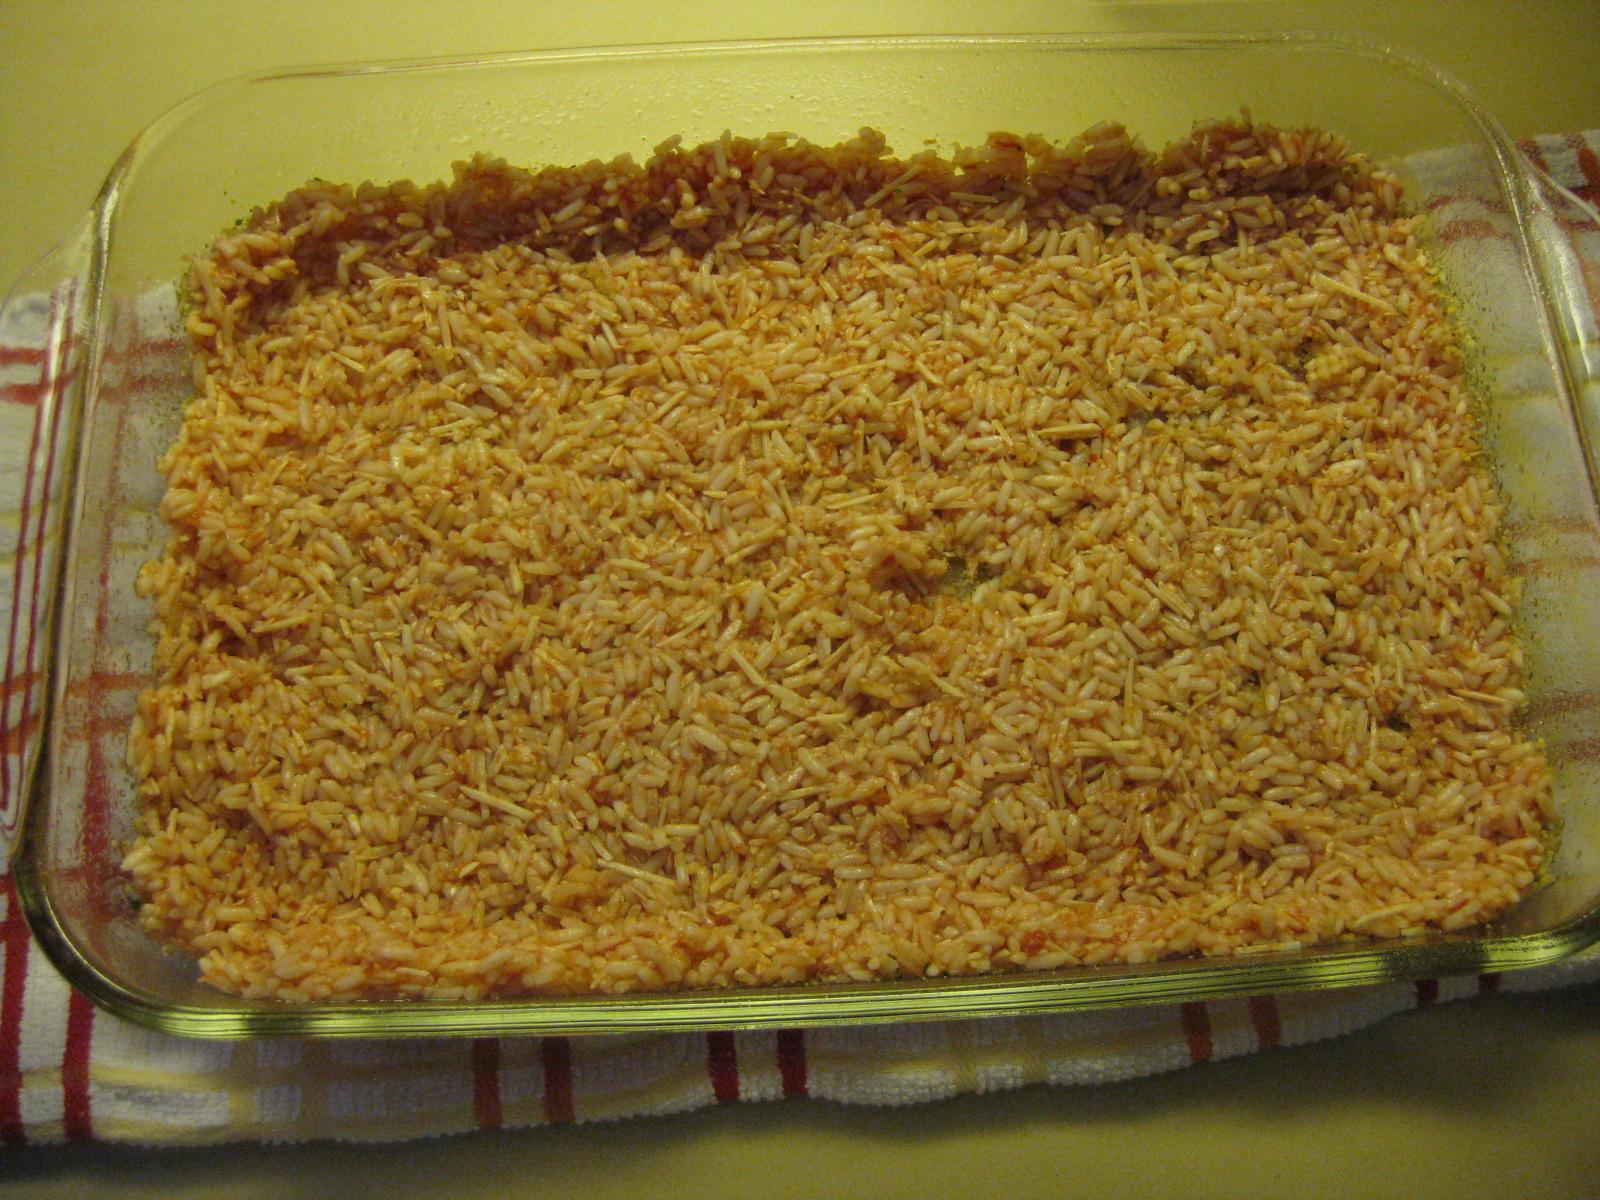 ... rice ball rice balls sicilian arancini sicilian rice ball casserole